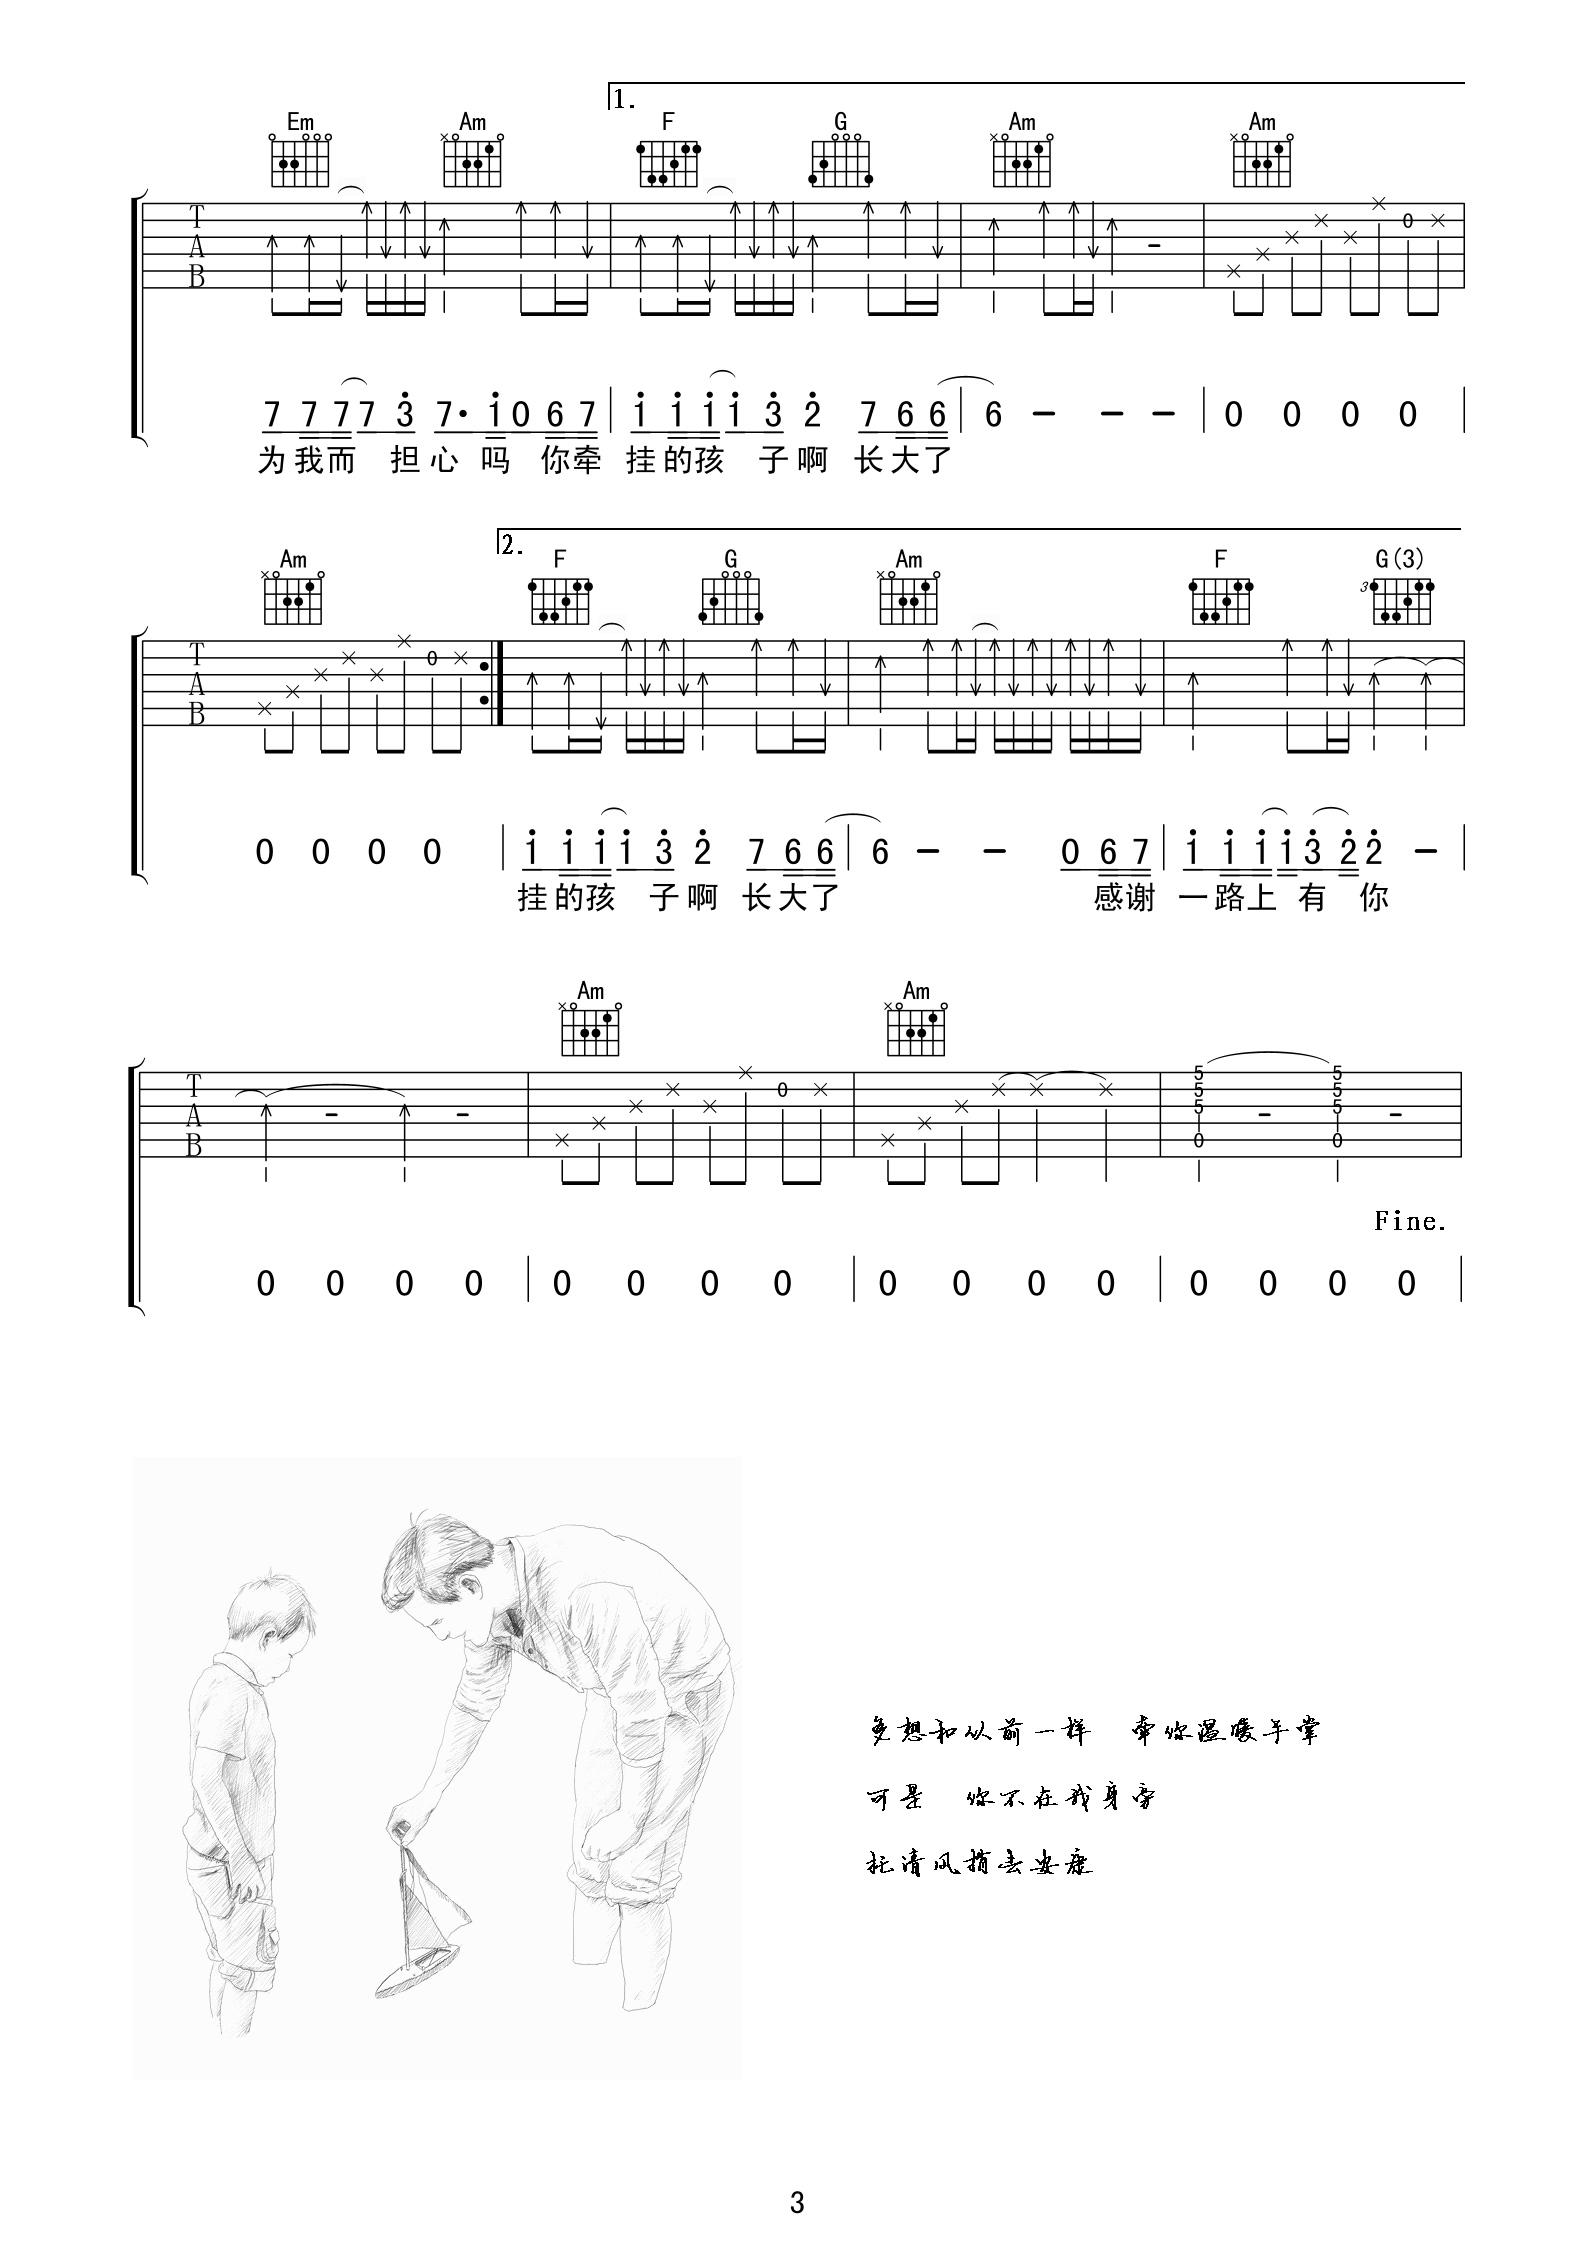 父亲吉他谱 筷子兄弟 父亲 - 彼岸吉他_一站式吉他者图片